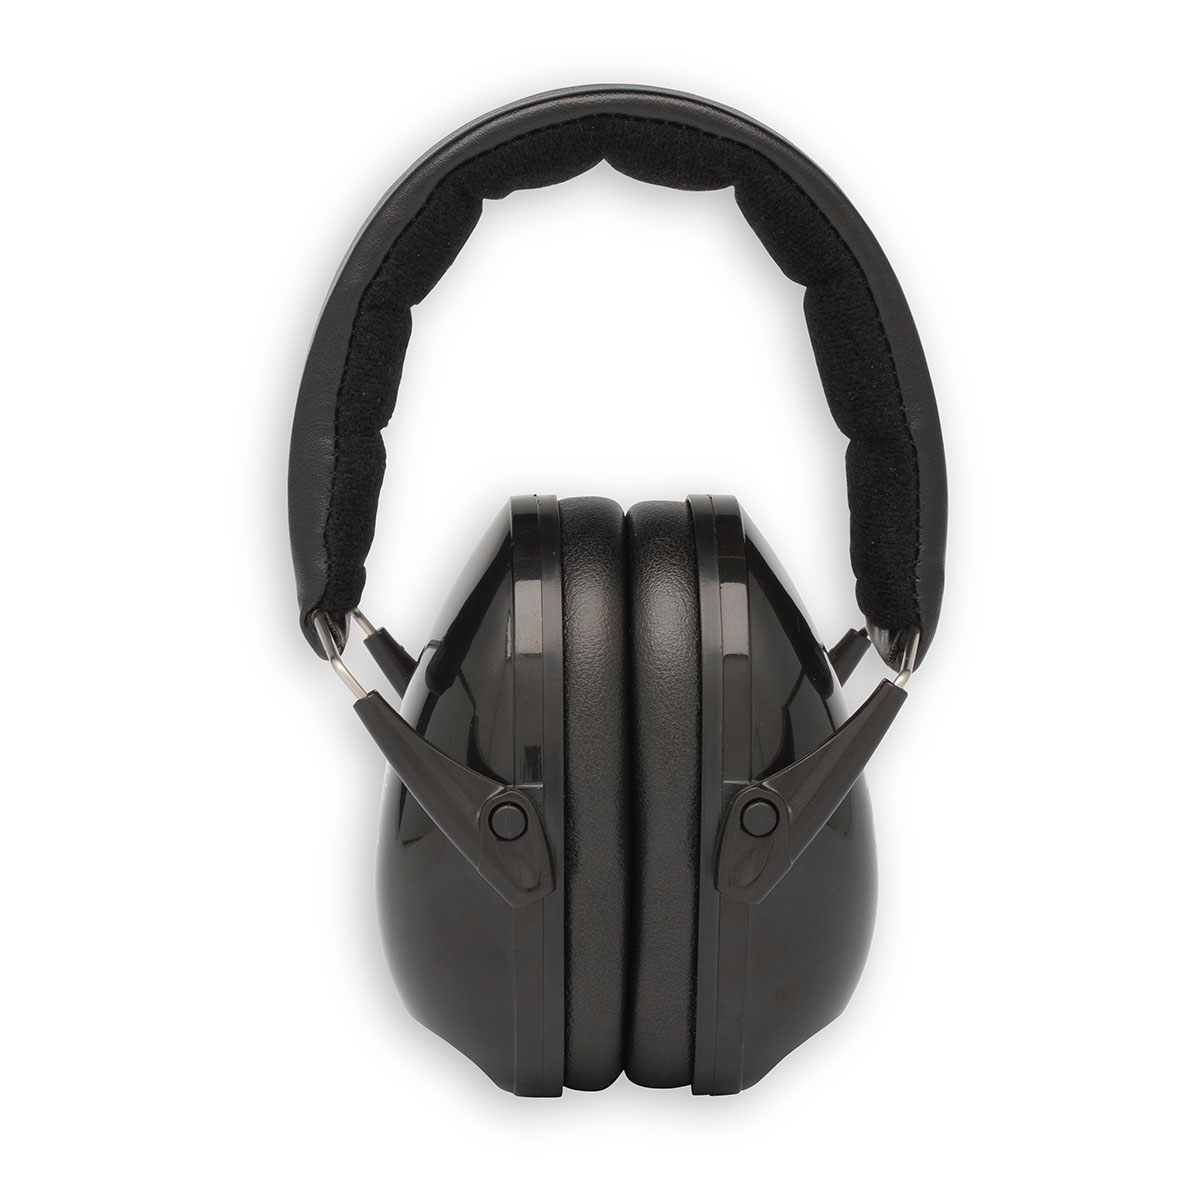 фото 5 - Наушники для взрослых MusicSafe Earmuff